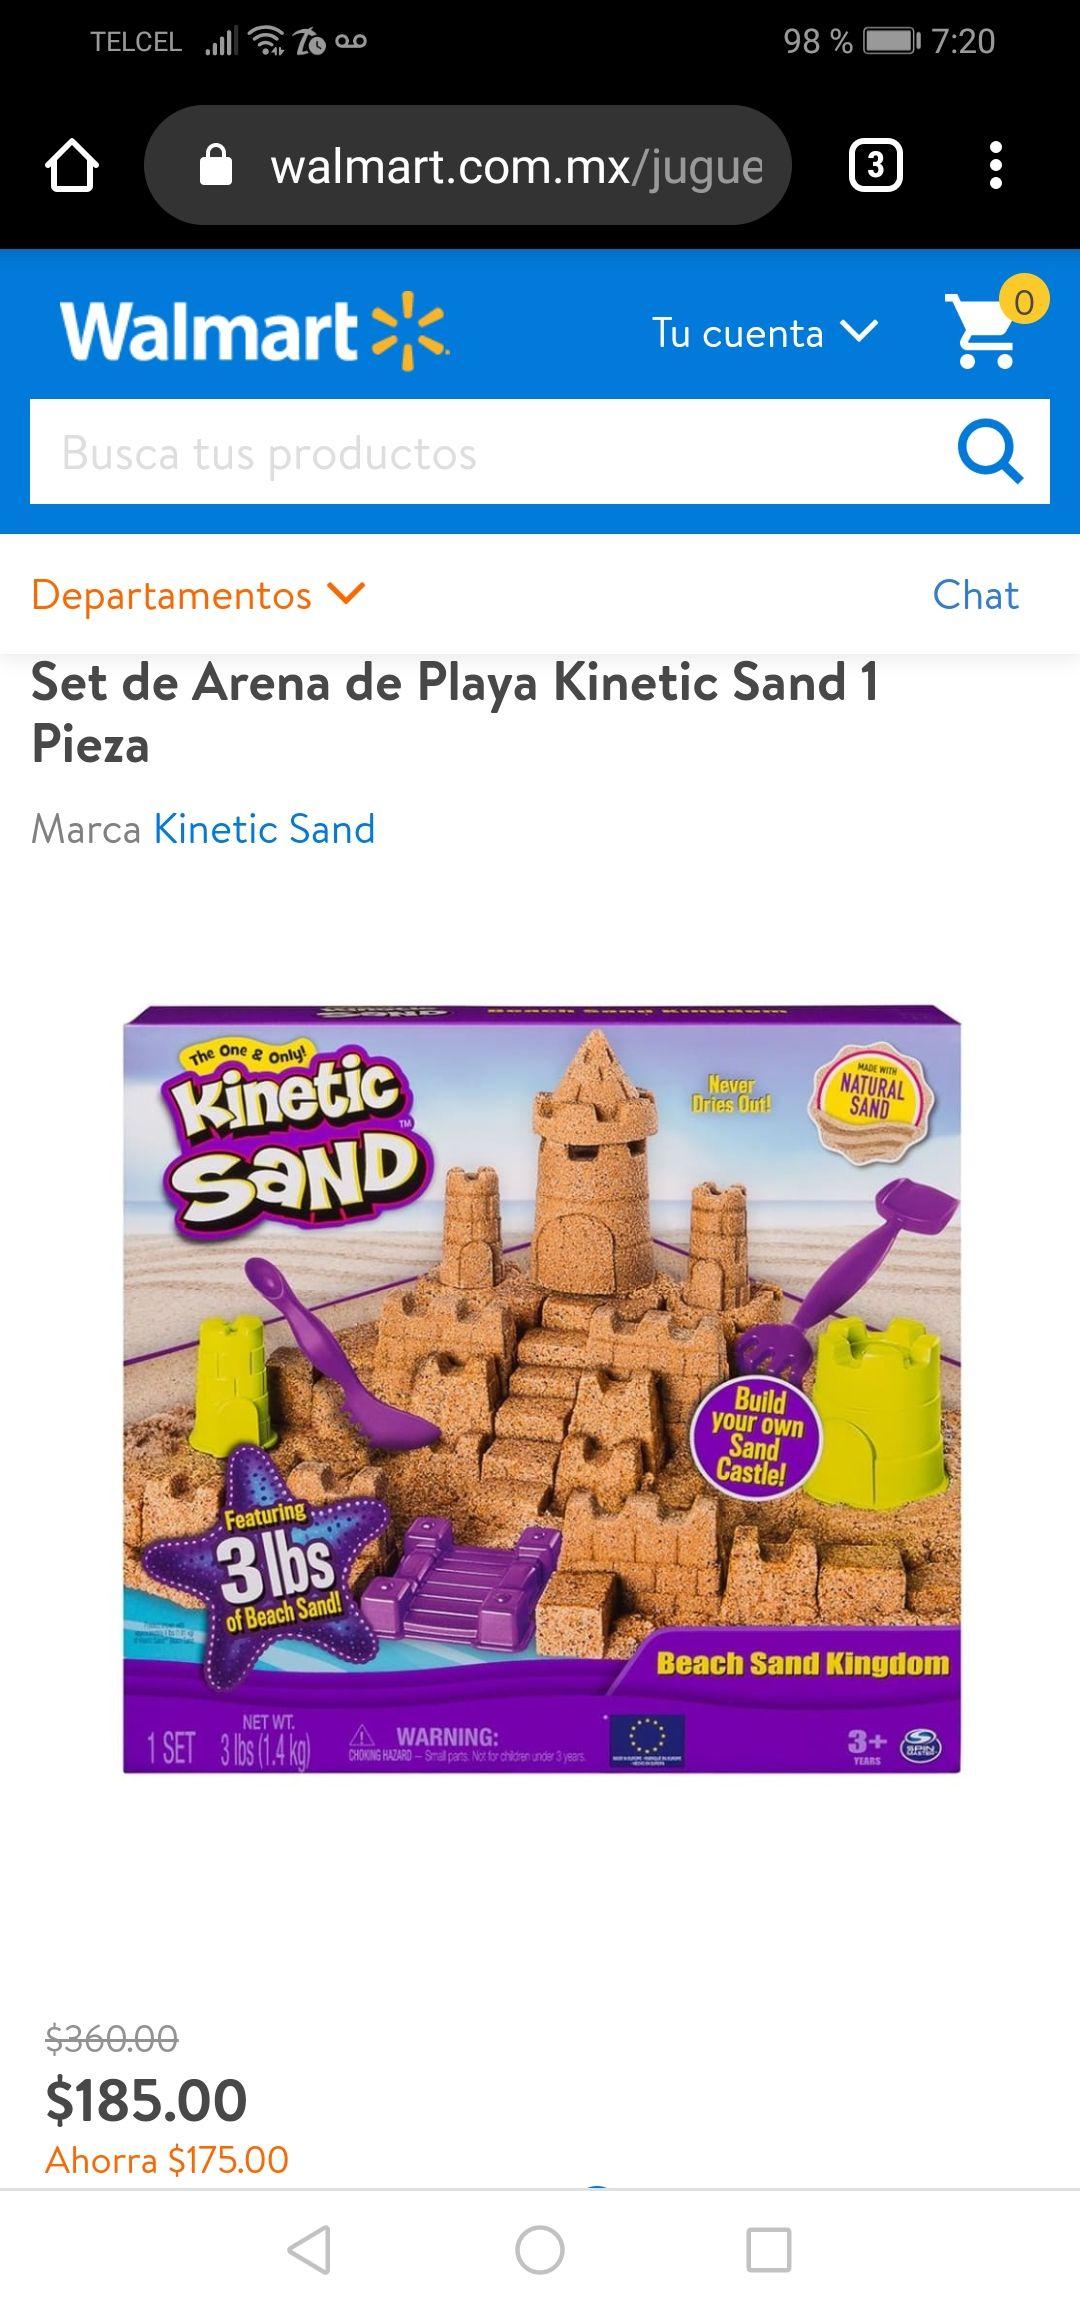 Walmart en línea: Set de Arena de Playa Kinetic Sand 1 Pieza